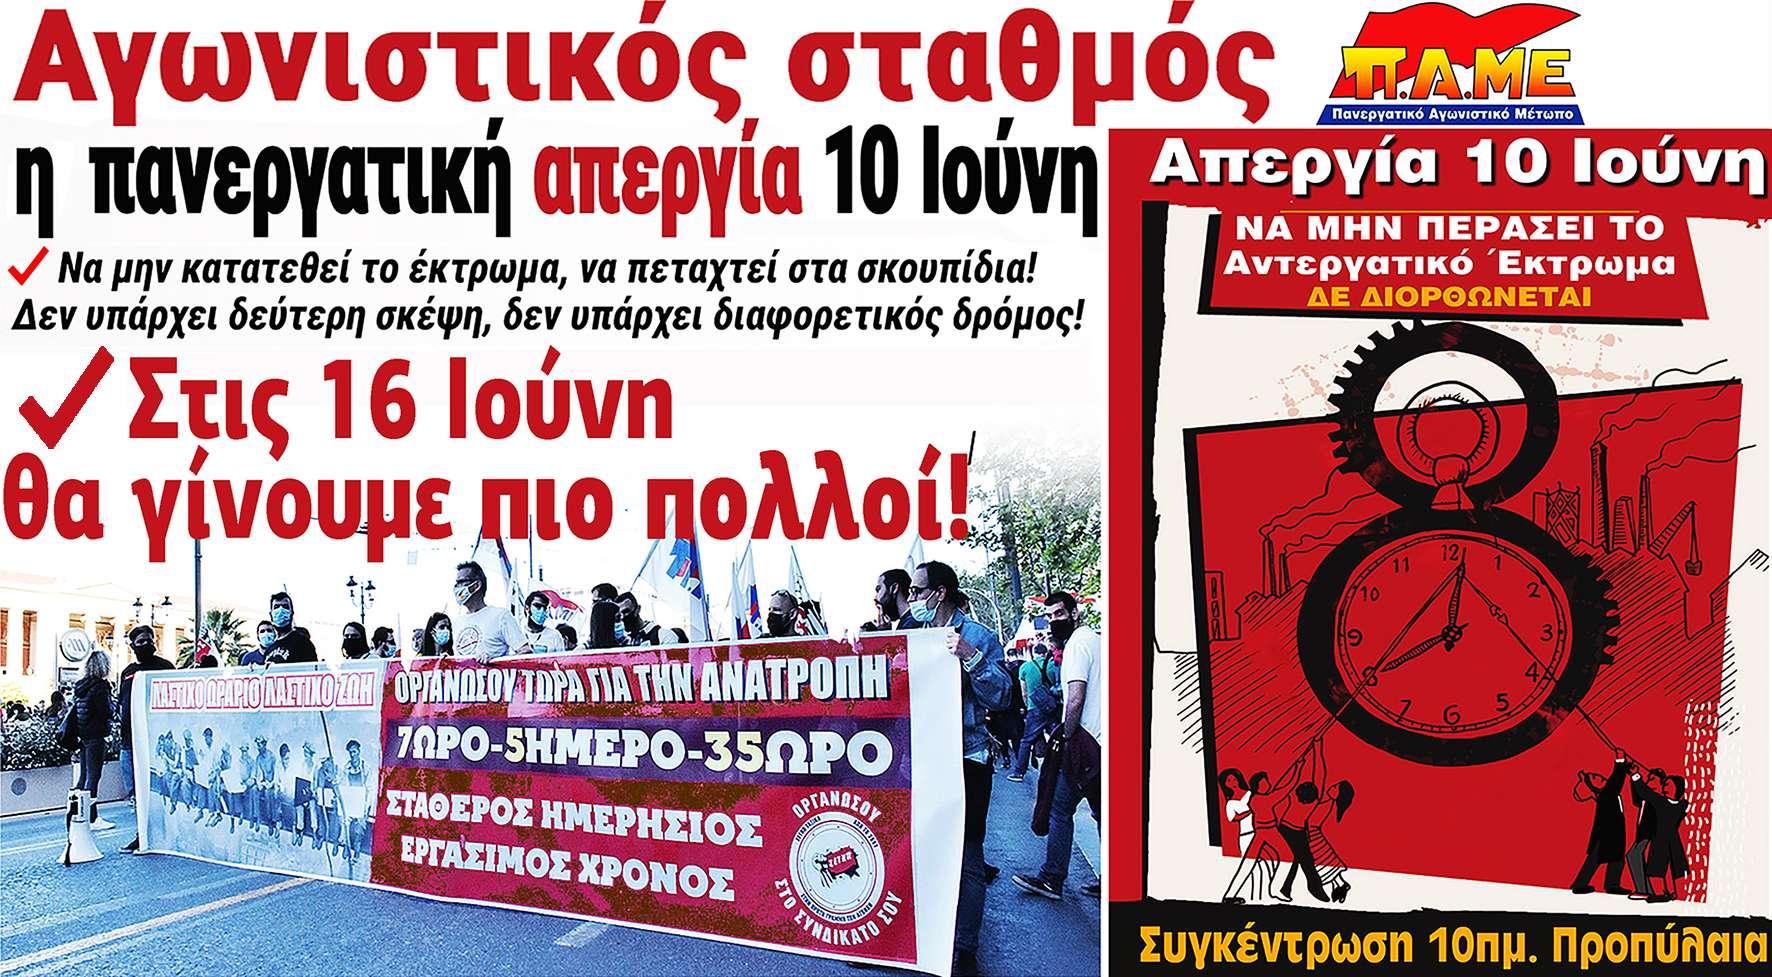 Απεργία 10 Ιούνη έτοιμοι για τις 16